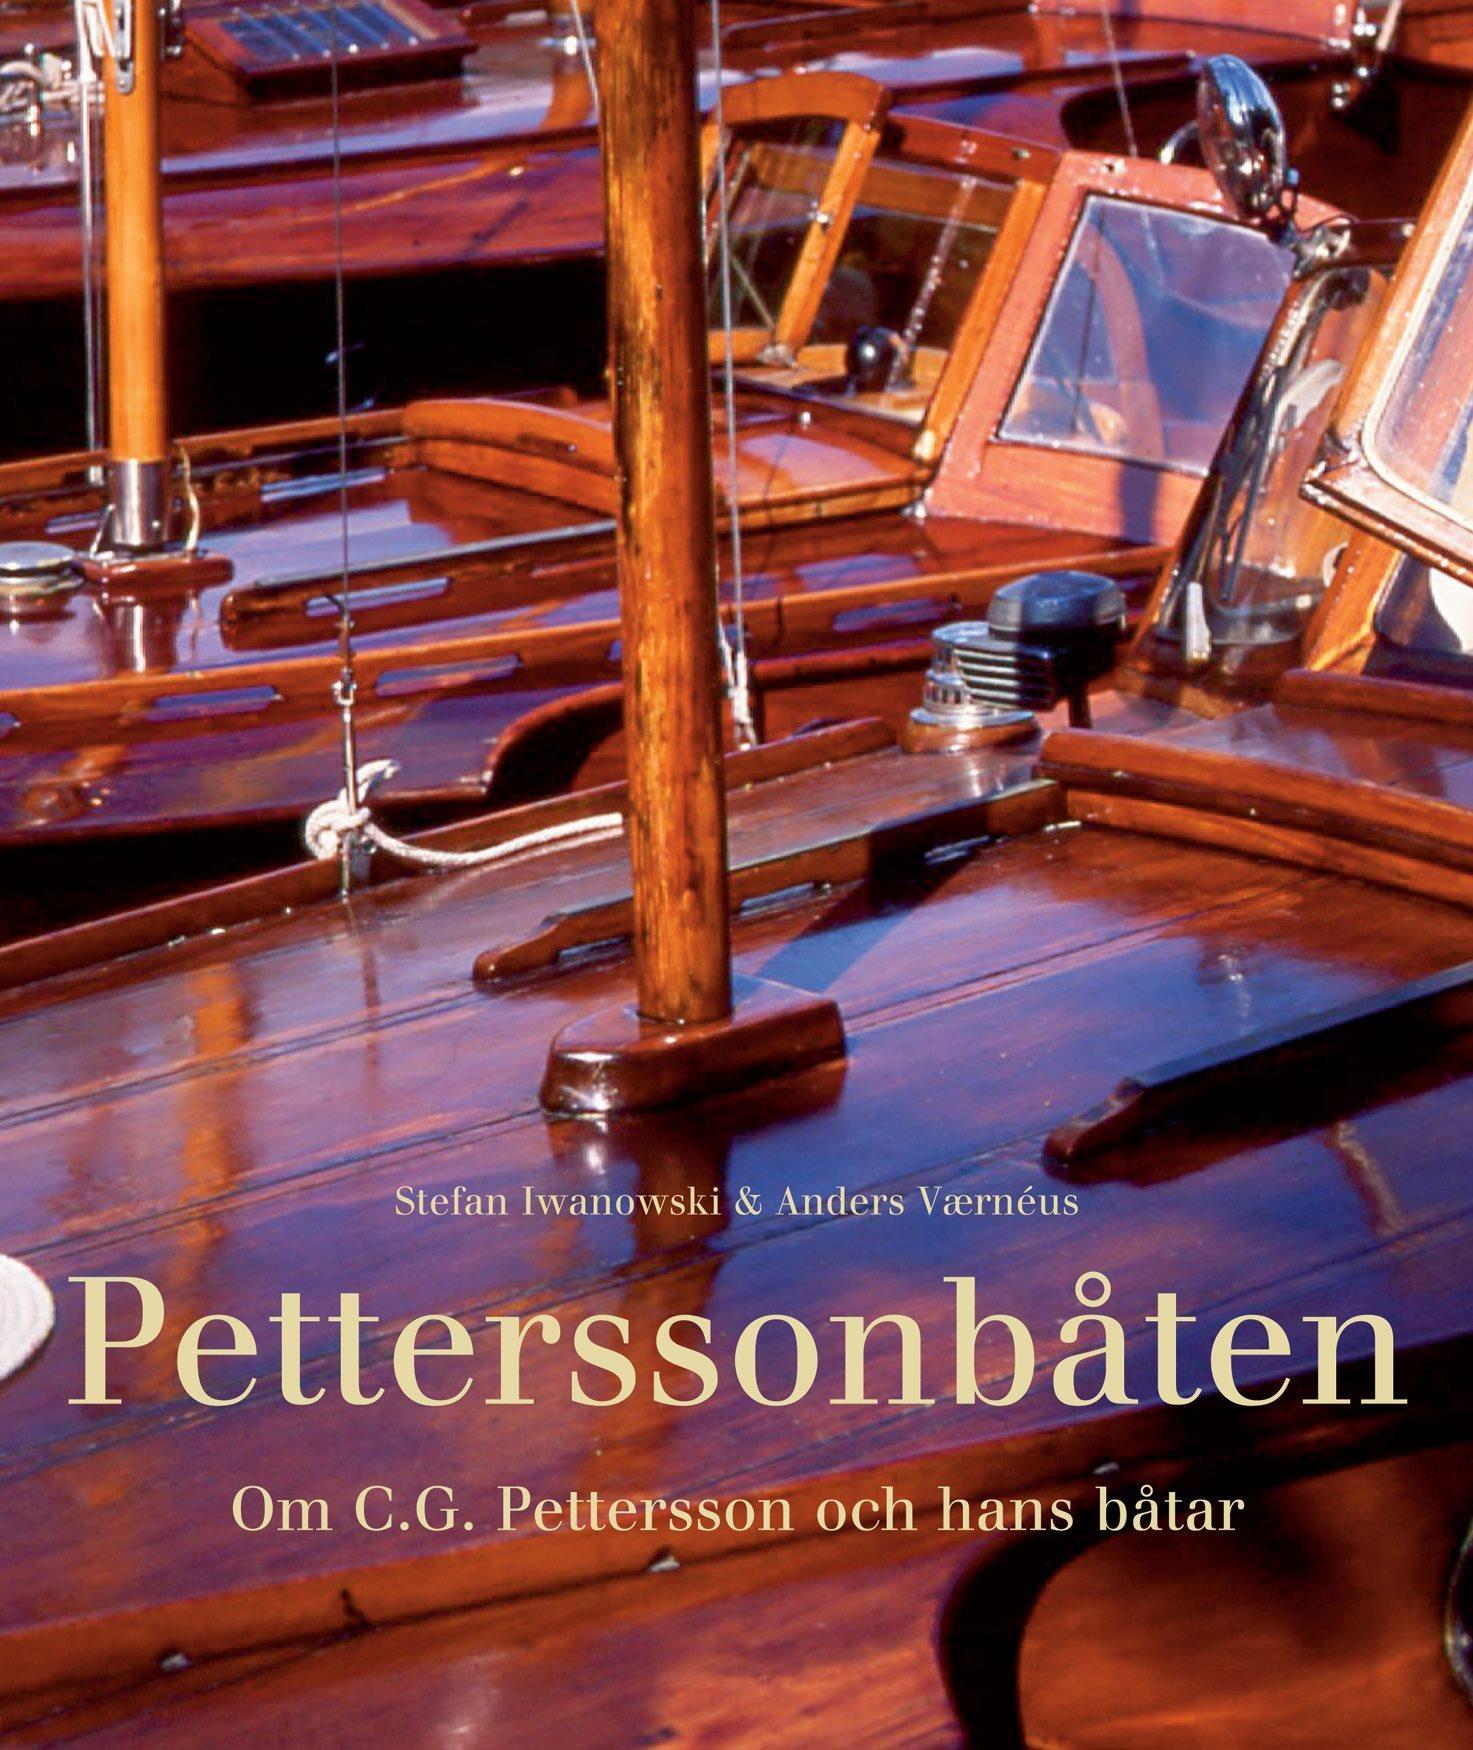 Petterssonbåten - Om C G Pettersson och hans båtar